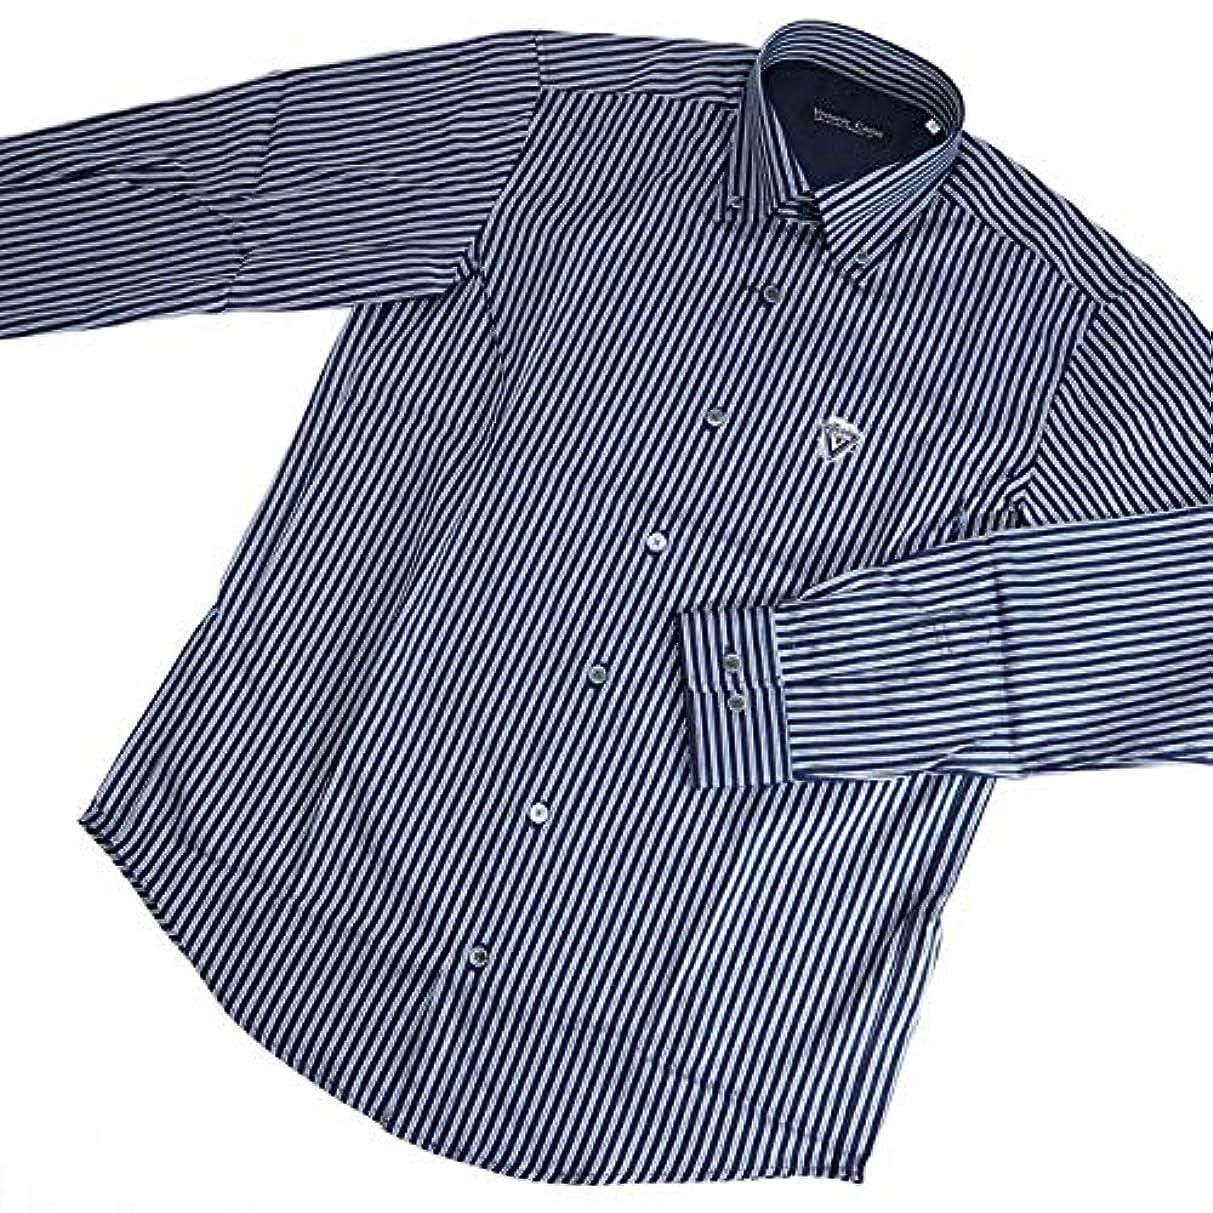 醜い不正直悲劇40271 秋冬 日本製 ボタンダウンシャツ 長袖 ストライプ 総柄 ネイビー(紺) サイズ 48(L) Vittorio Carini 紳士服 メンズ 男性用